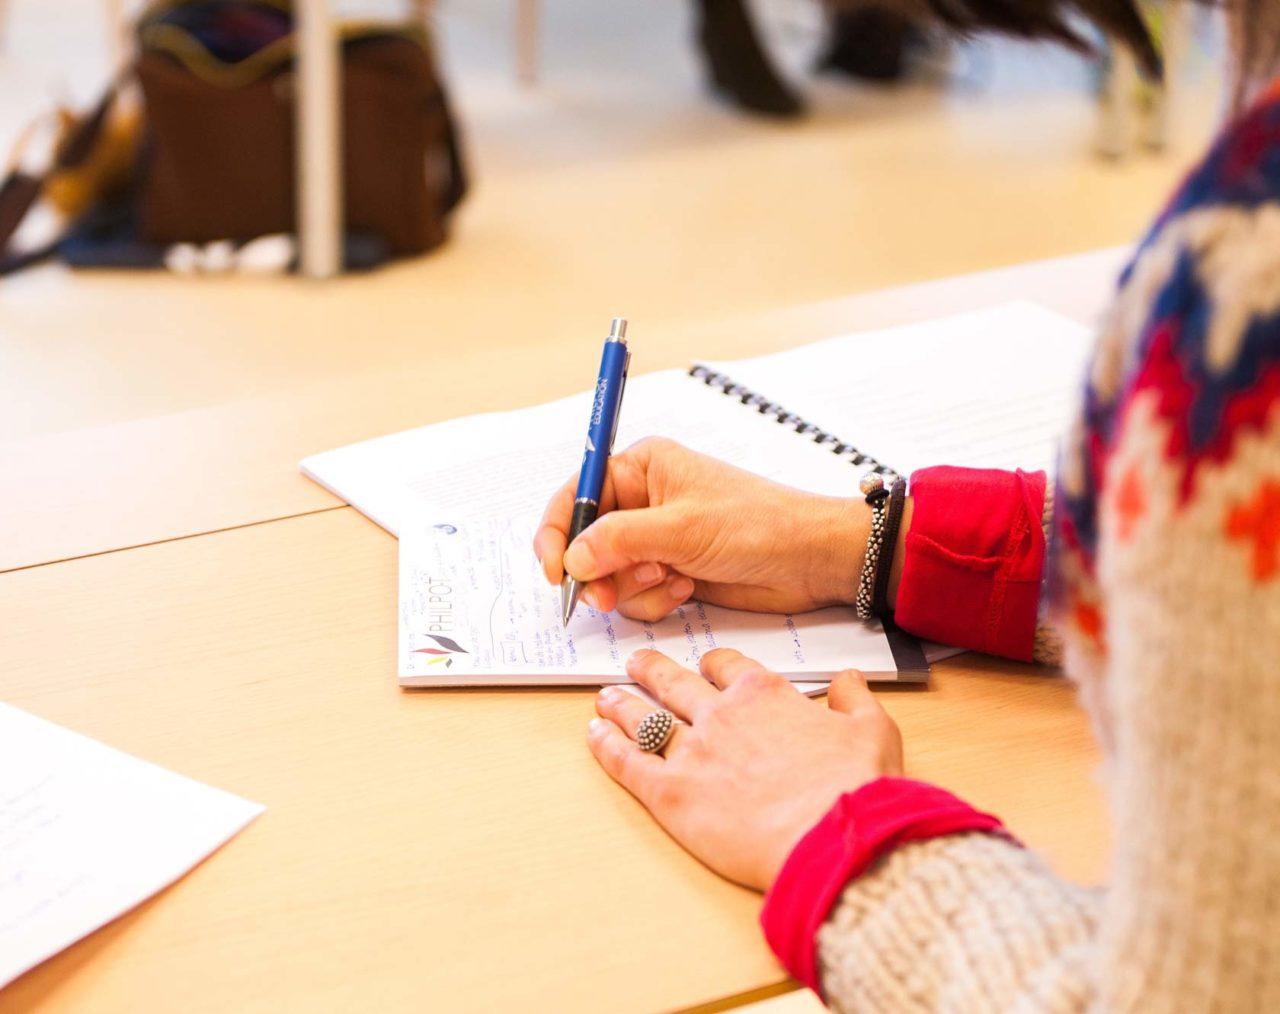 Δωρεάν φοίτηση σε φροντιστήρια του Δήμου Αμαρουσίου